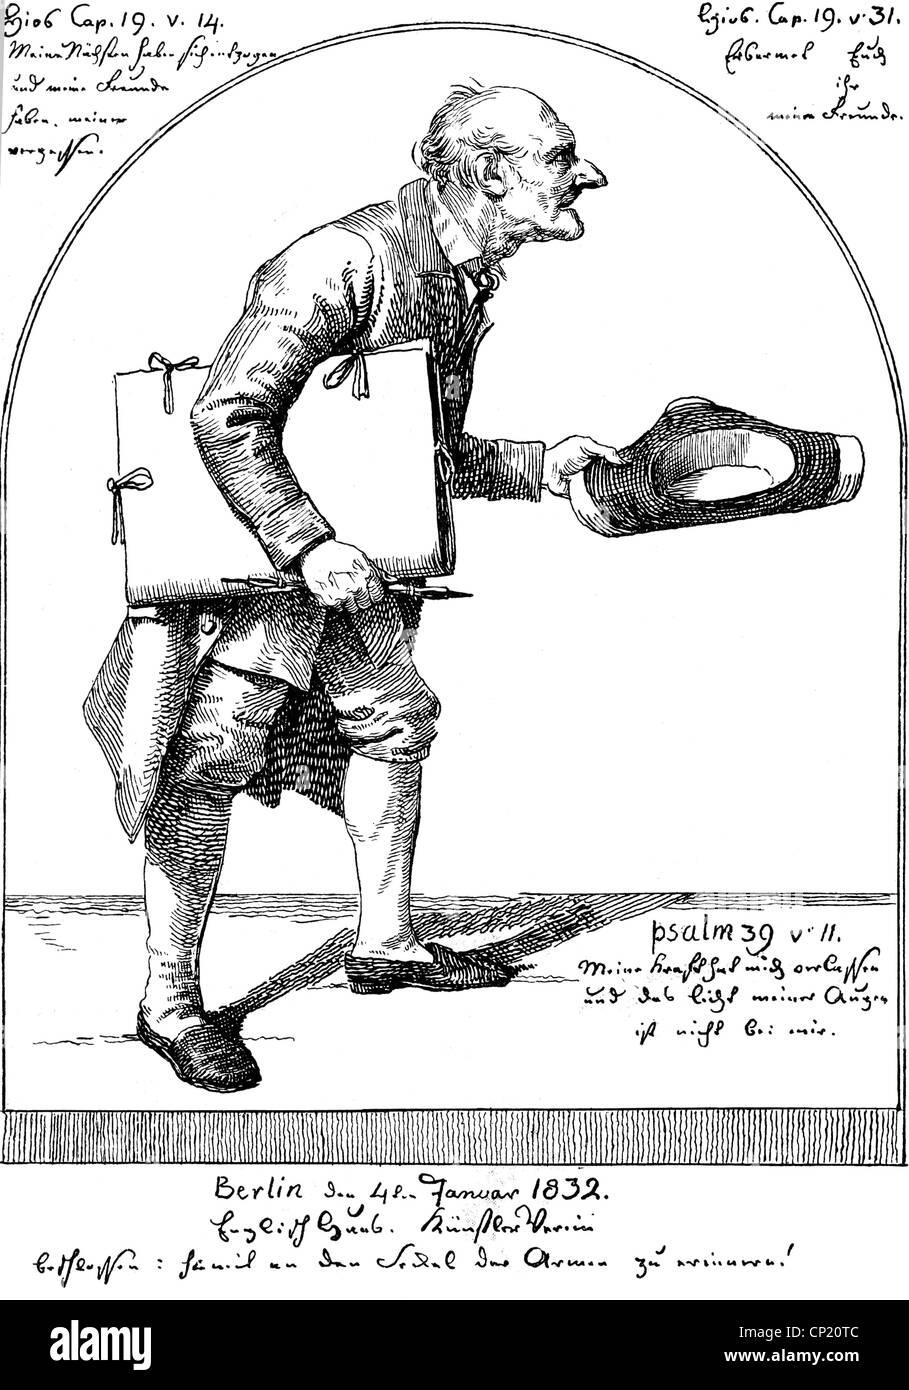 Schadow, Johann Gottfried, 20.5.1764 - 27.1.1850, escultor alemán y artista gráfico, obras, 'el viejo pintor', litografía, 1832, , Foto de stock